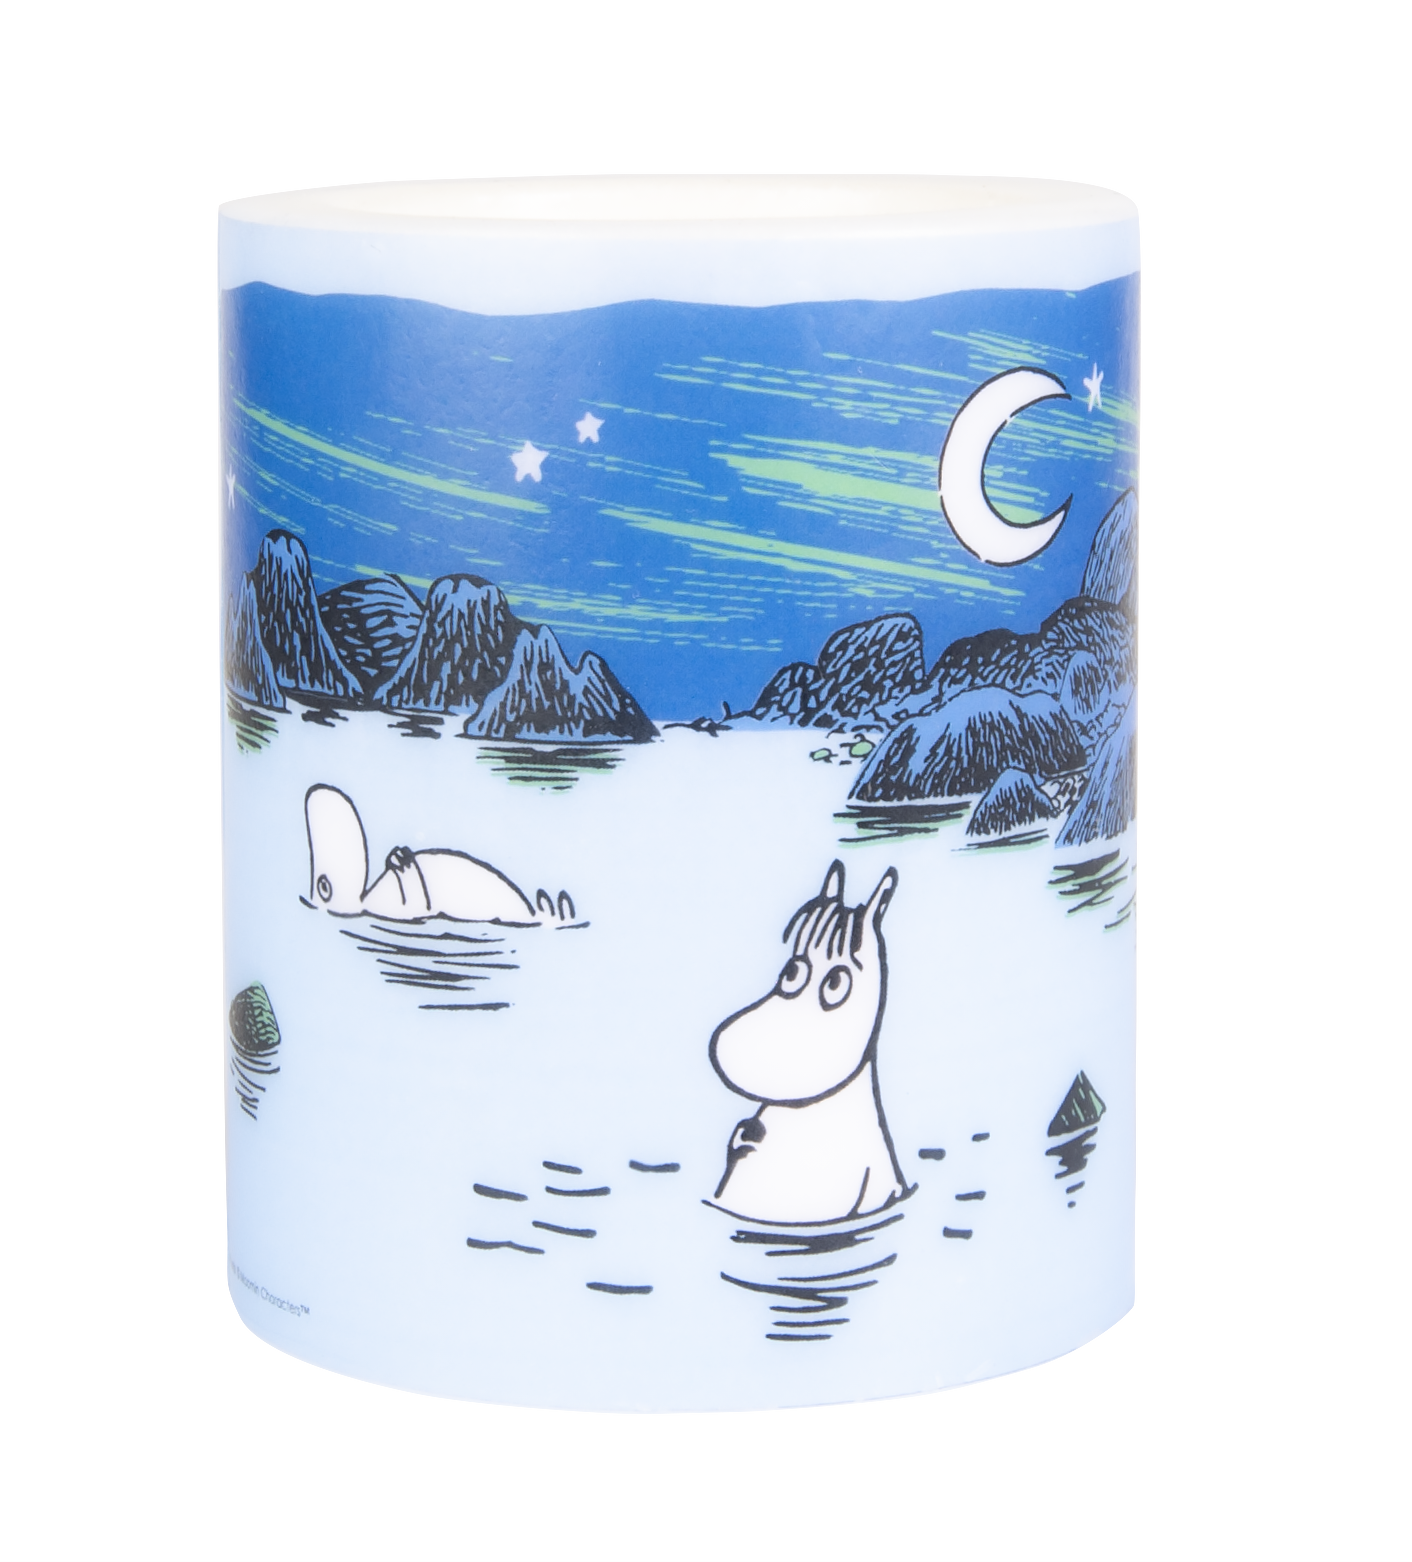 Muurla Moomin Lagoon candle 12 cm